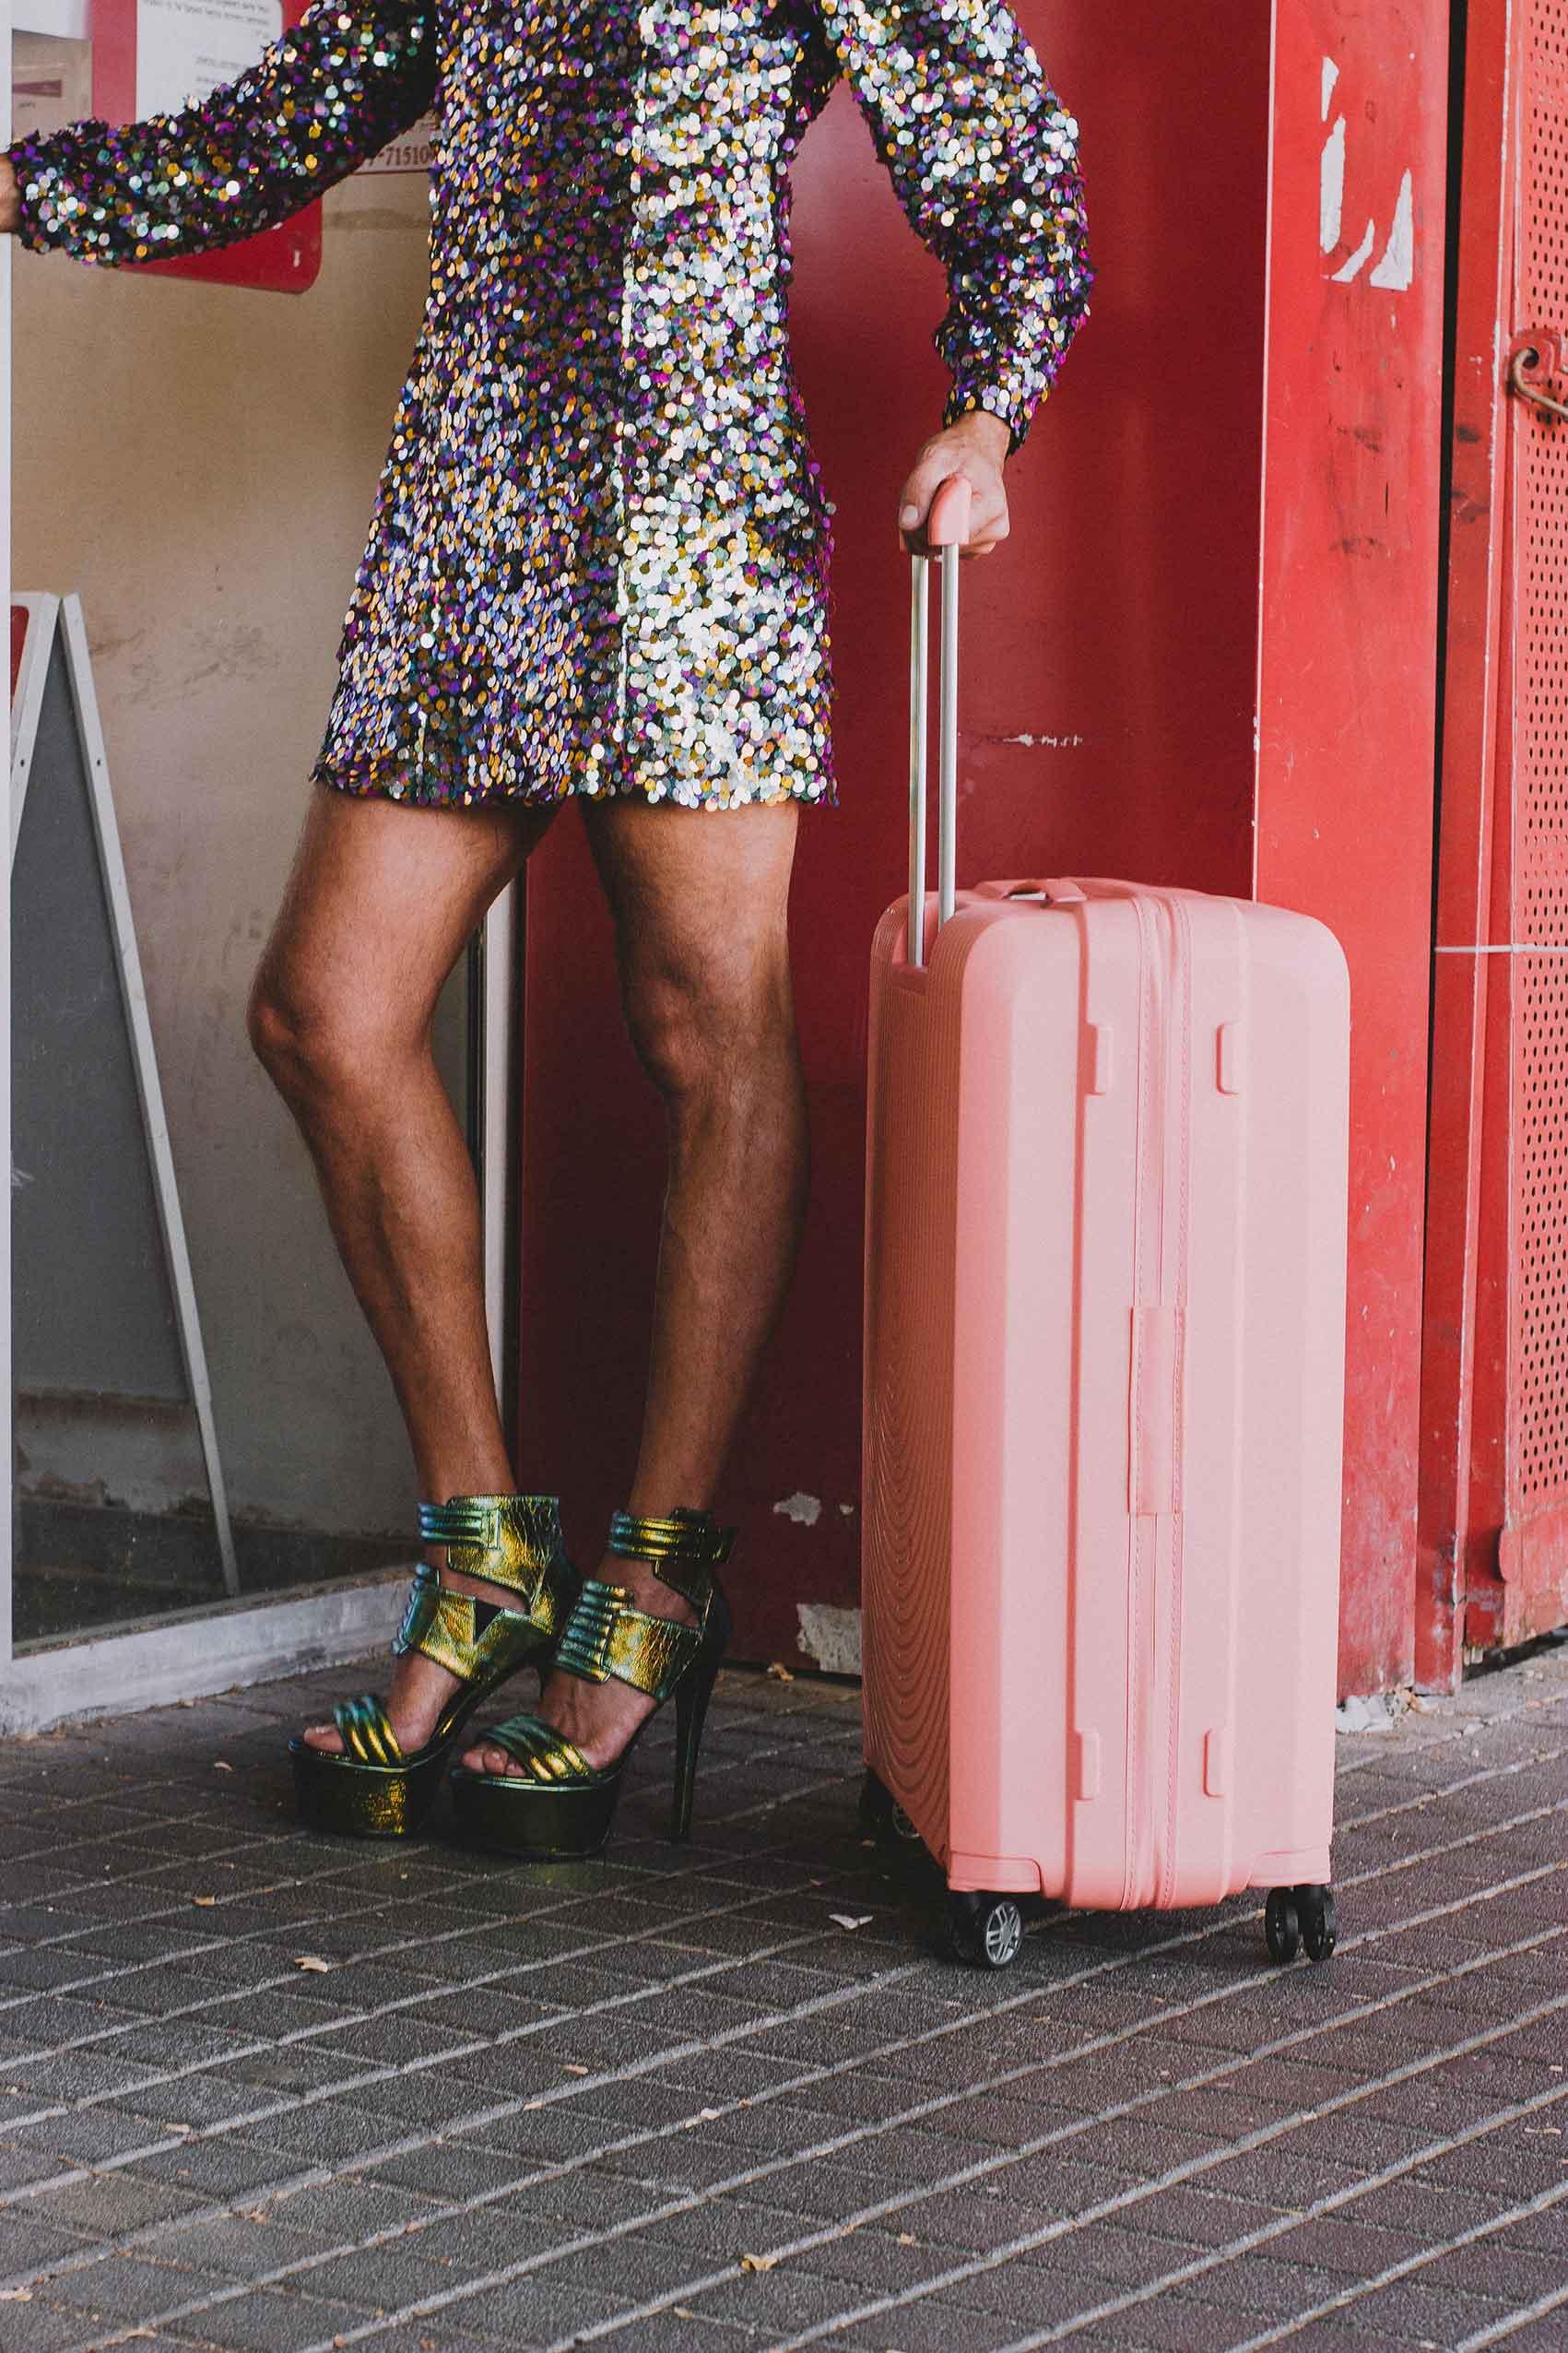 שמלה: שחר רבן, מזוודה: SAMSONIT, נעליים: עאוסף פרטי